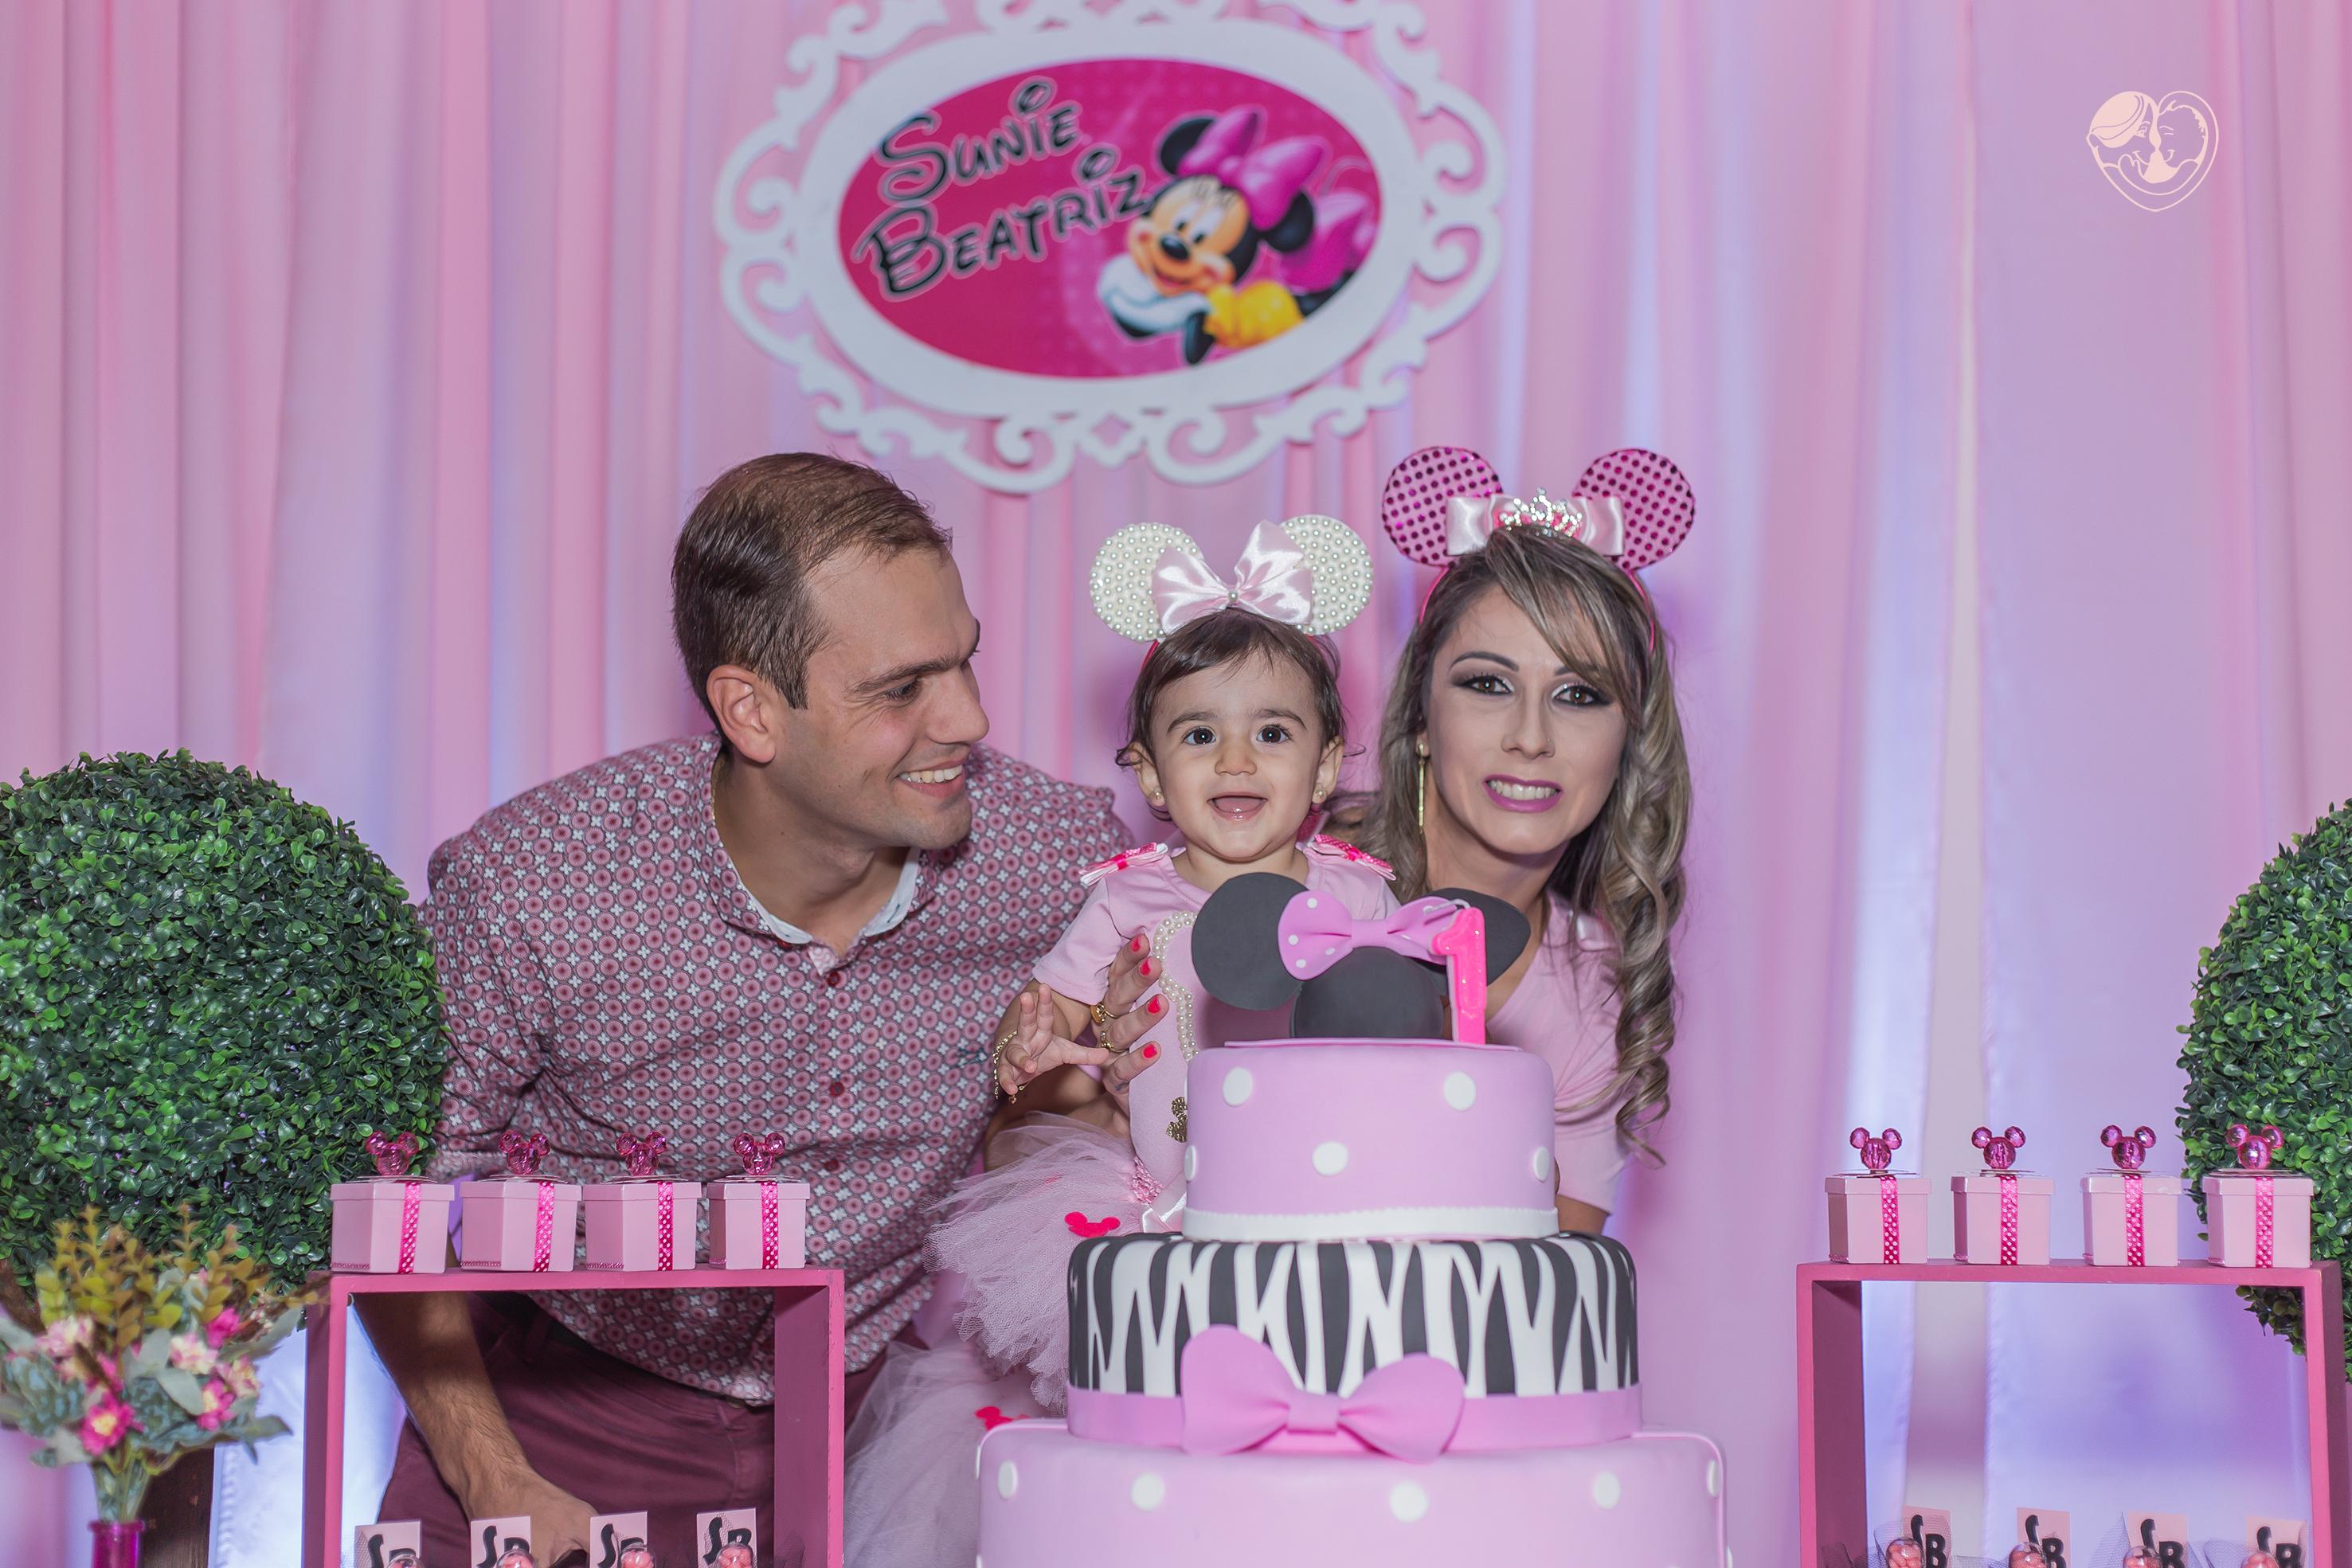 Sunie Beatriz - Aniversário 1 ano